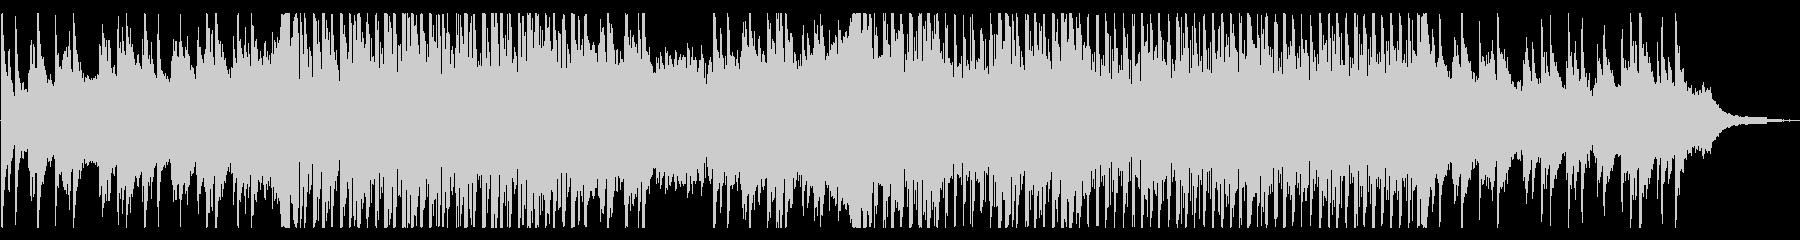 ピアノのアンビエントの未再生の波形